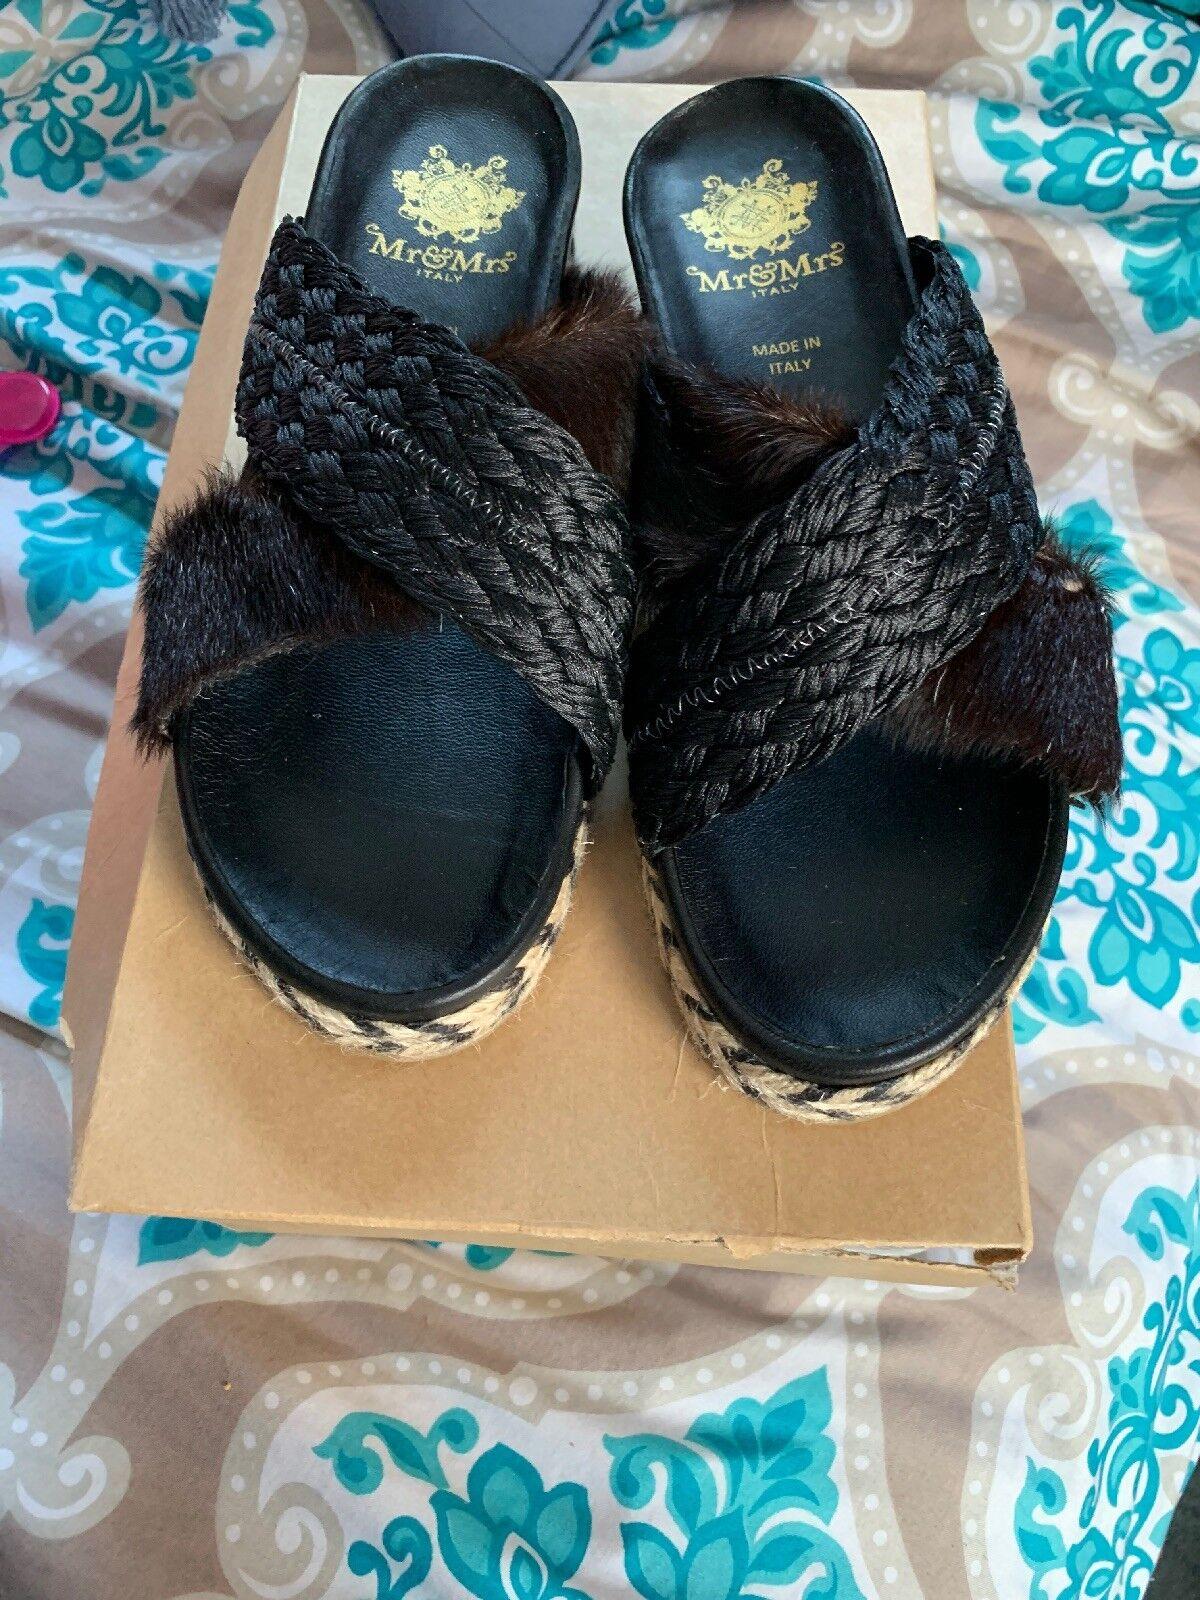 Aunthentic Mr & Mrs Womens Fur Flip Flops